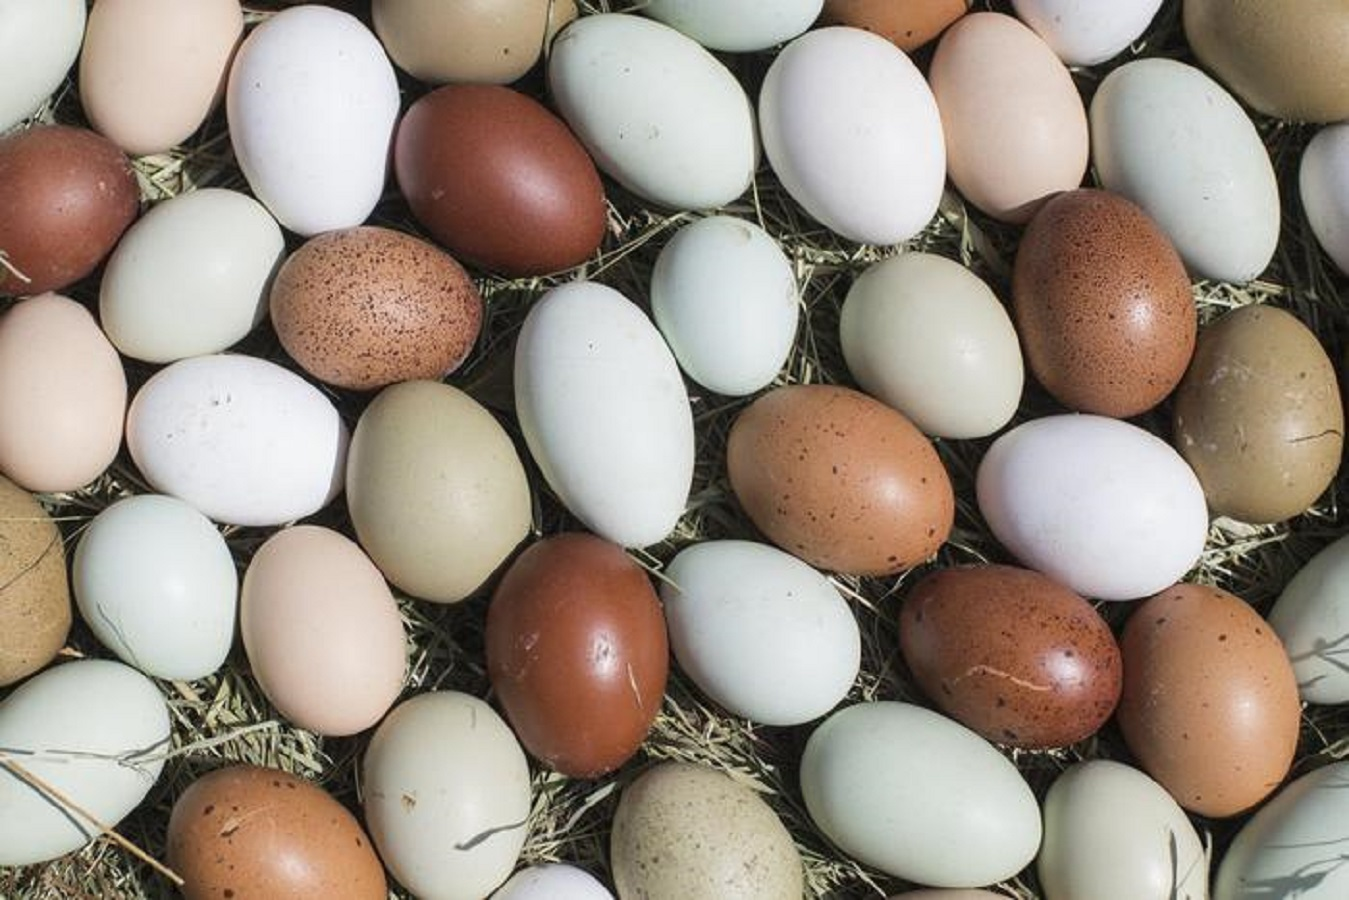 Uova e malattie cardio vascolari: cosa dice un nuovo studio